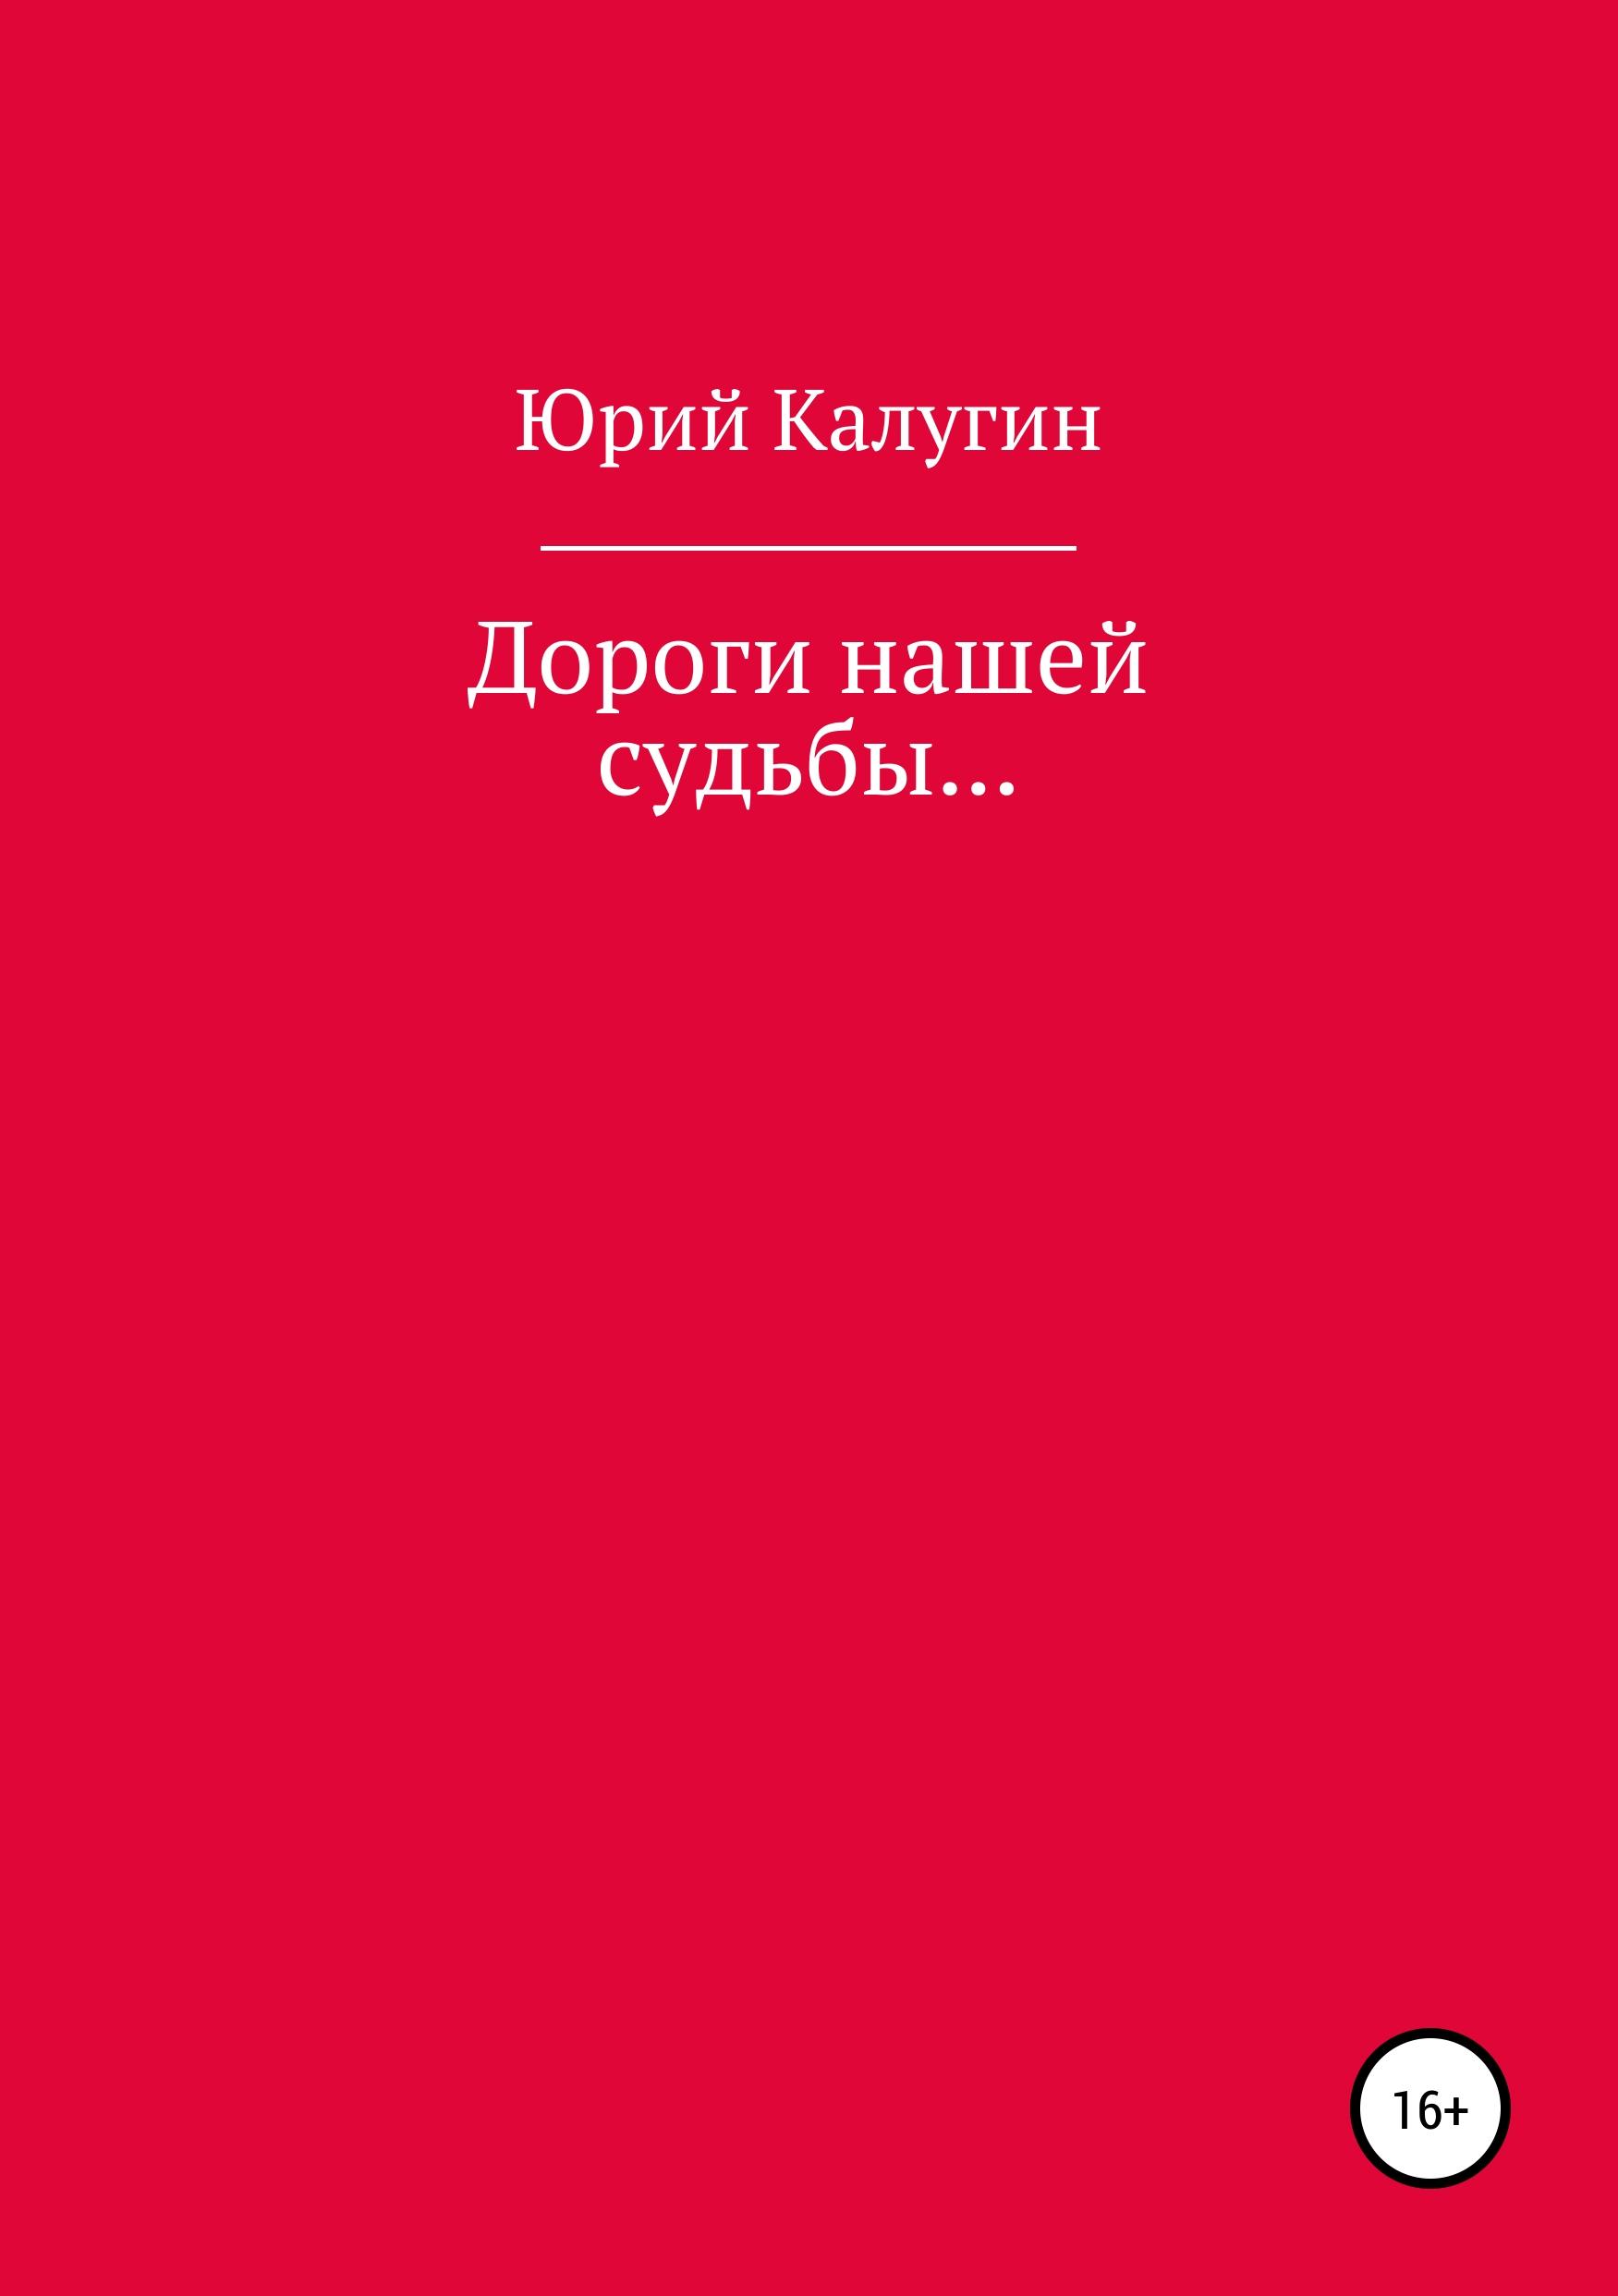 Купить книгу Дороги нашей судьбы…, автора Юрия Калугина